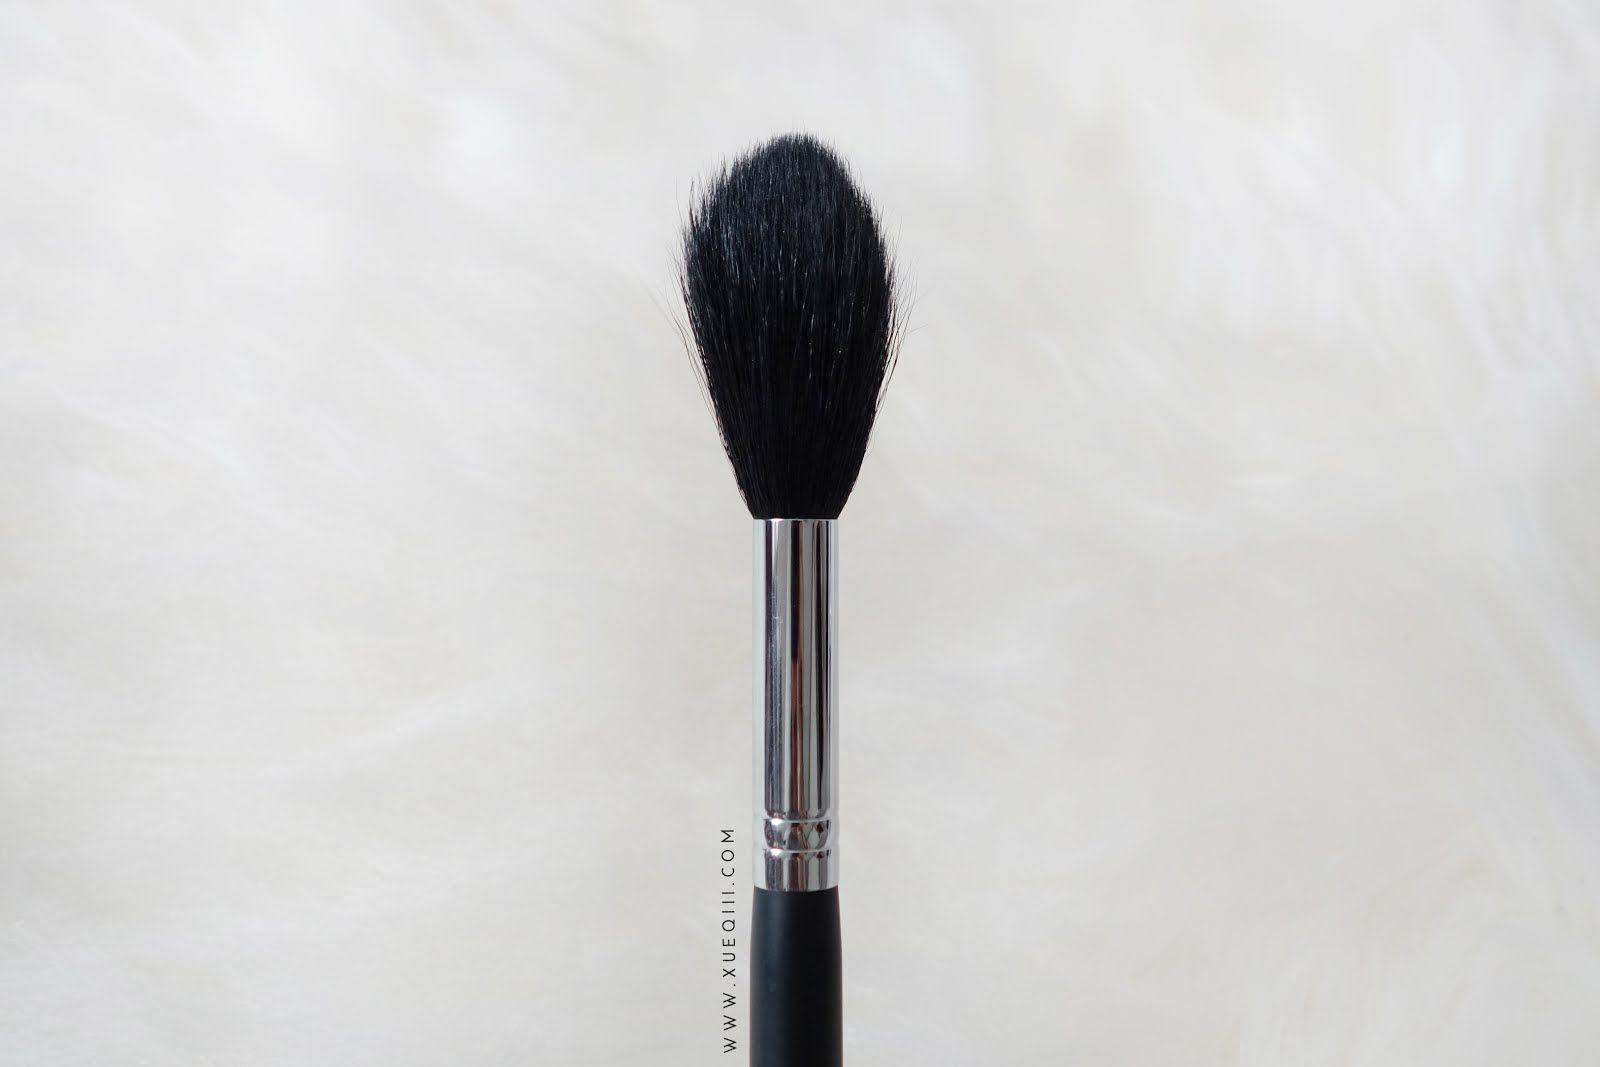 M412 Deluxe Pointed Blender Brush by Morphe #15